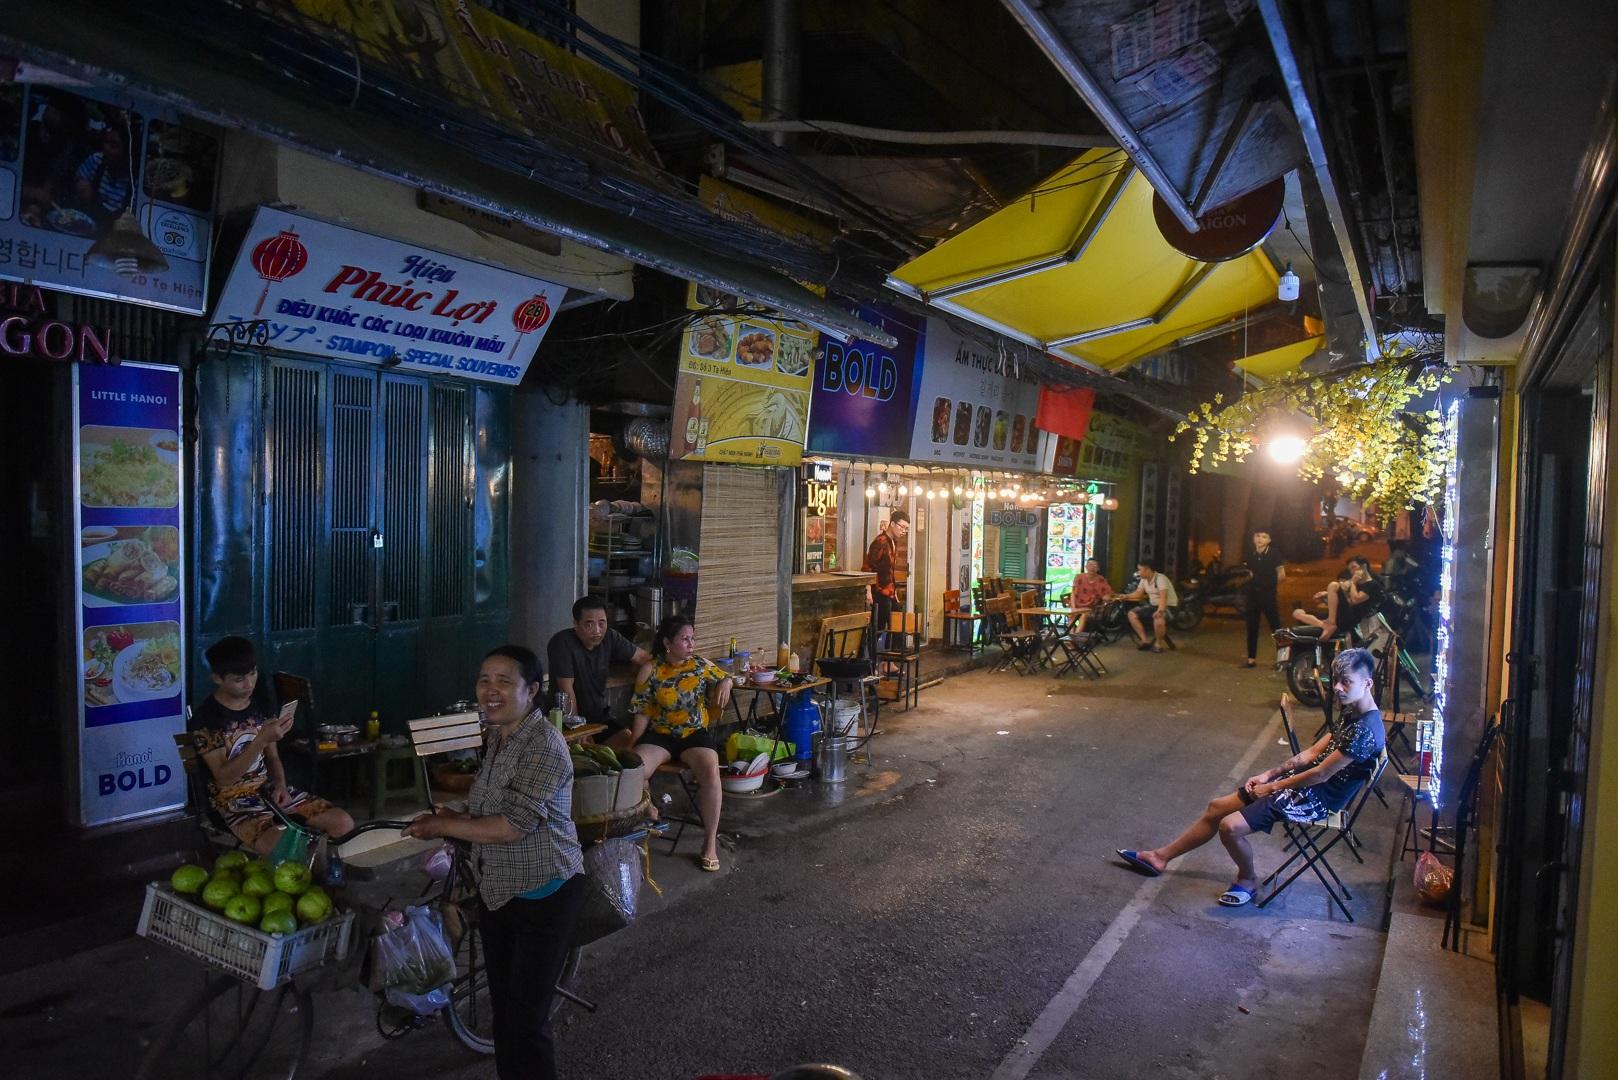 Hàng quán phố cổ thi nhau sang nhượng, đến Tạ Hiện cũng chung cảnh đìu hiu - 8